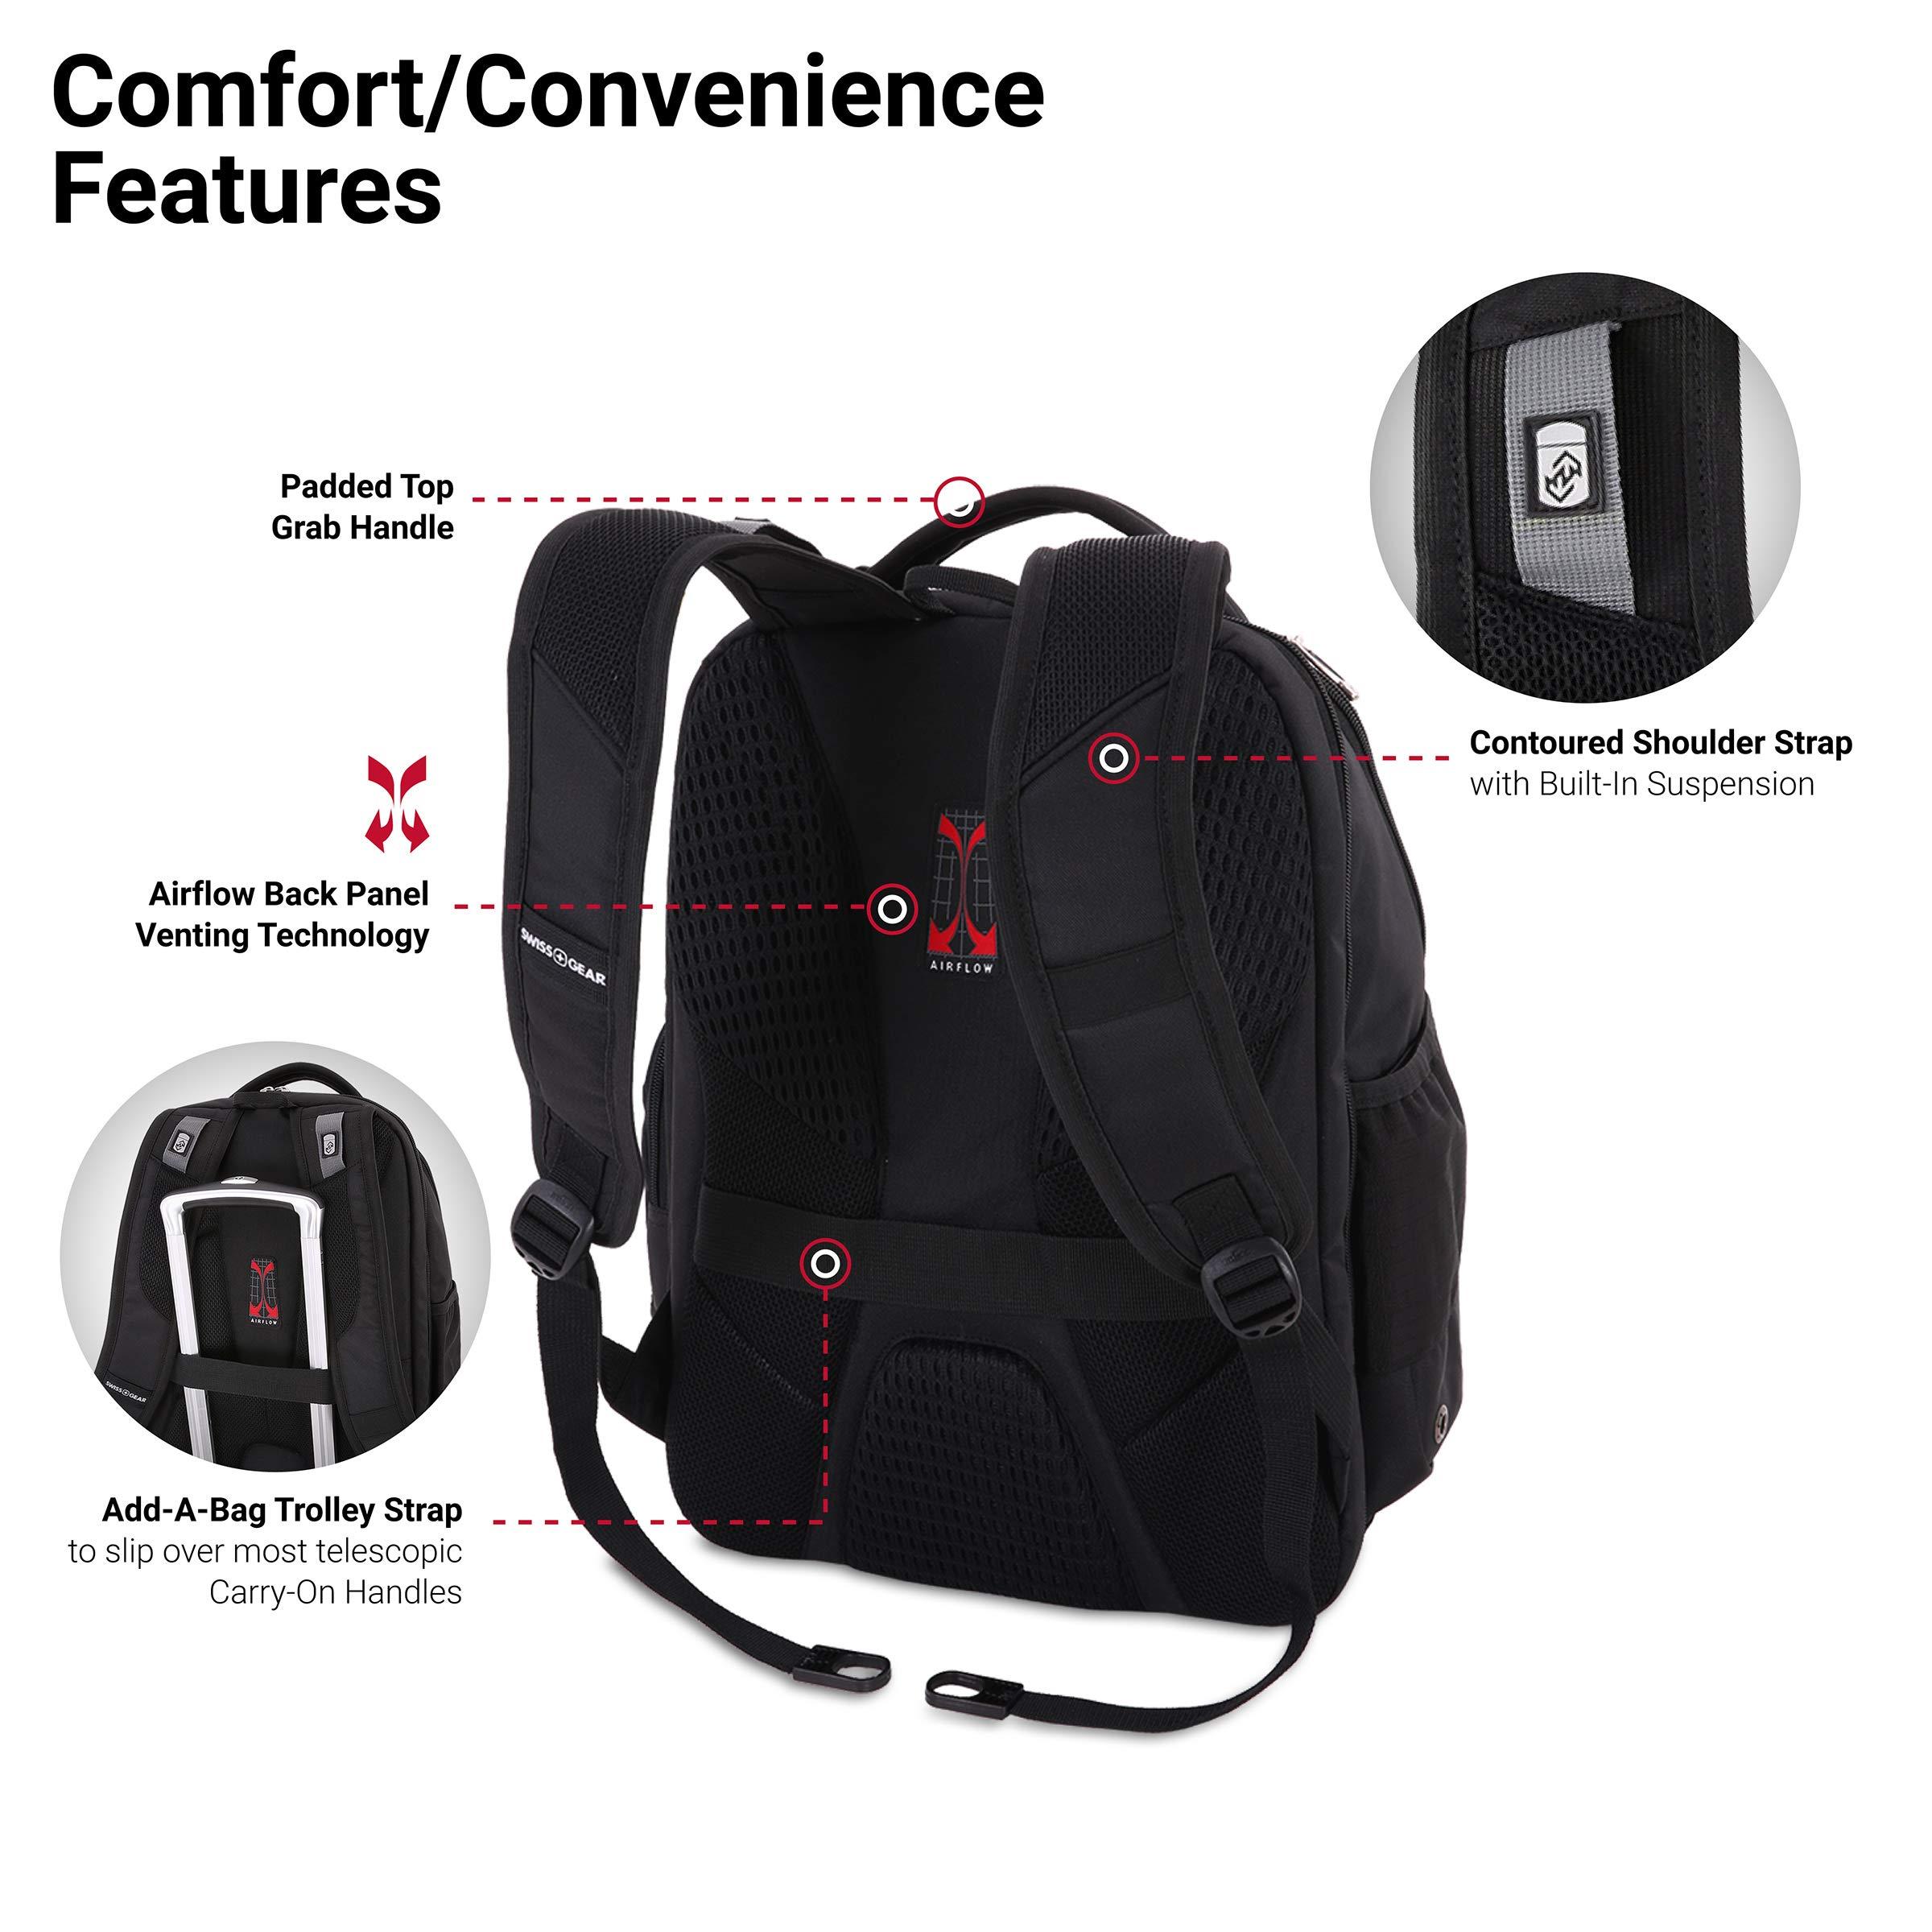 SWISSGEAR Large ScanSmart 15-inch Laptop Backpack   TSA-Friendly Carry-on   Travel, Work, School   Men's and Women's - Black by SwissGear (Image #2)